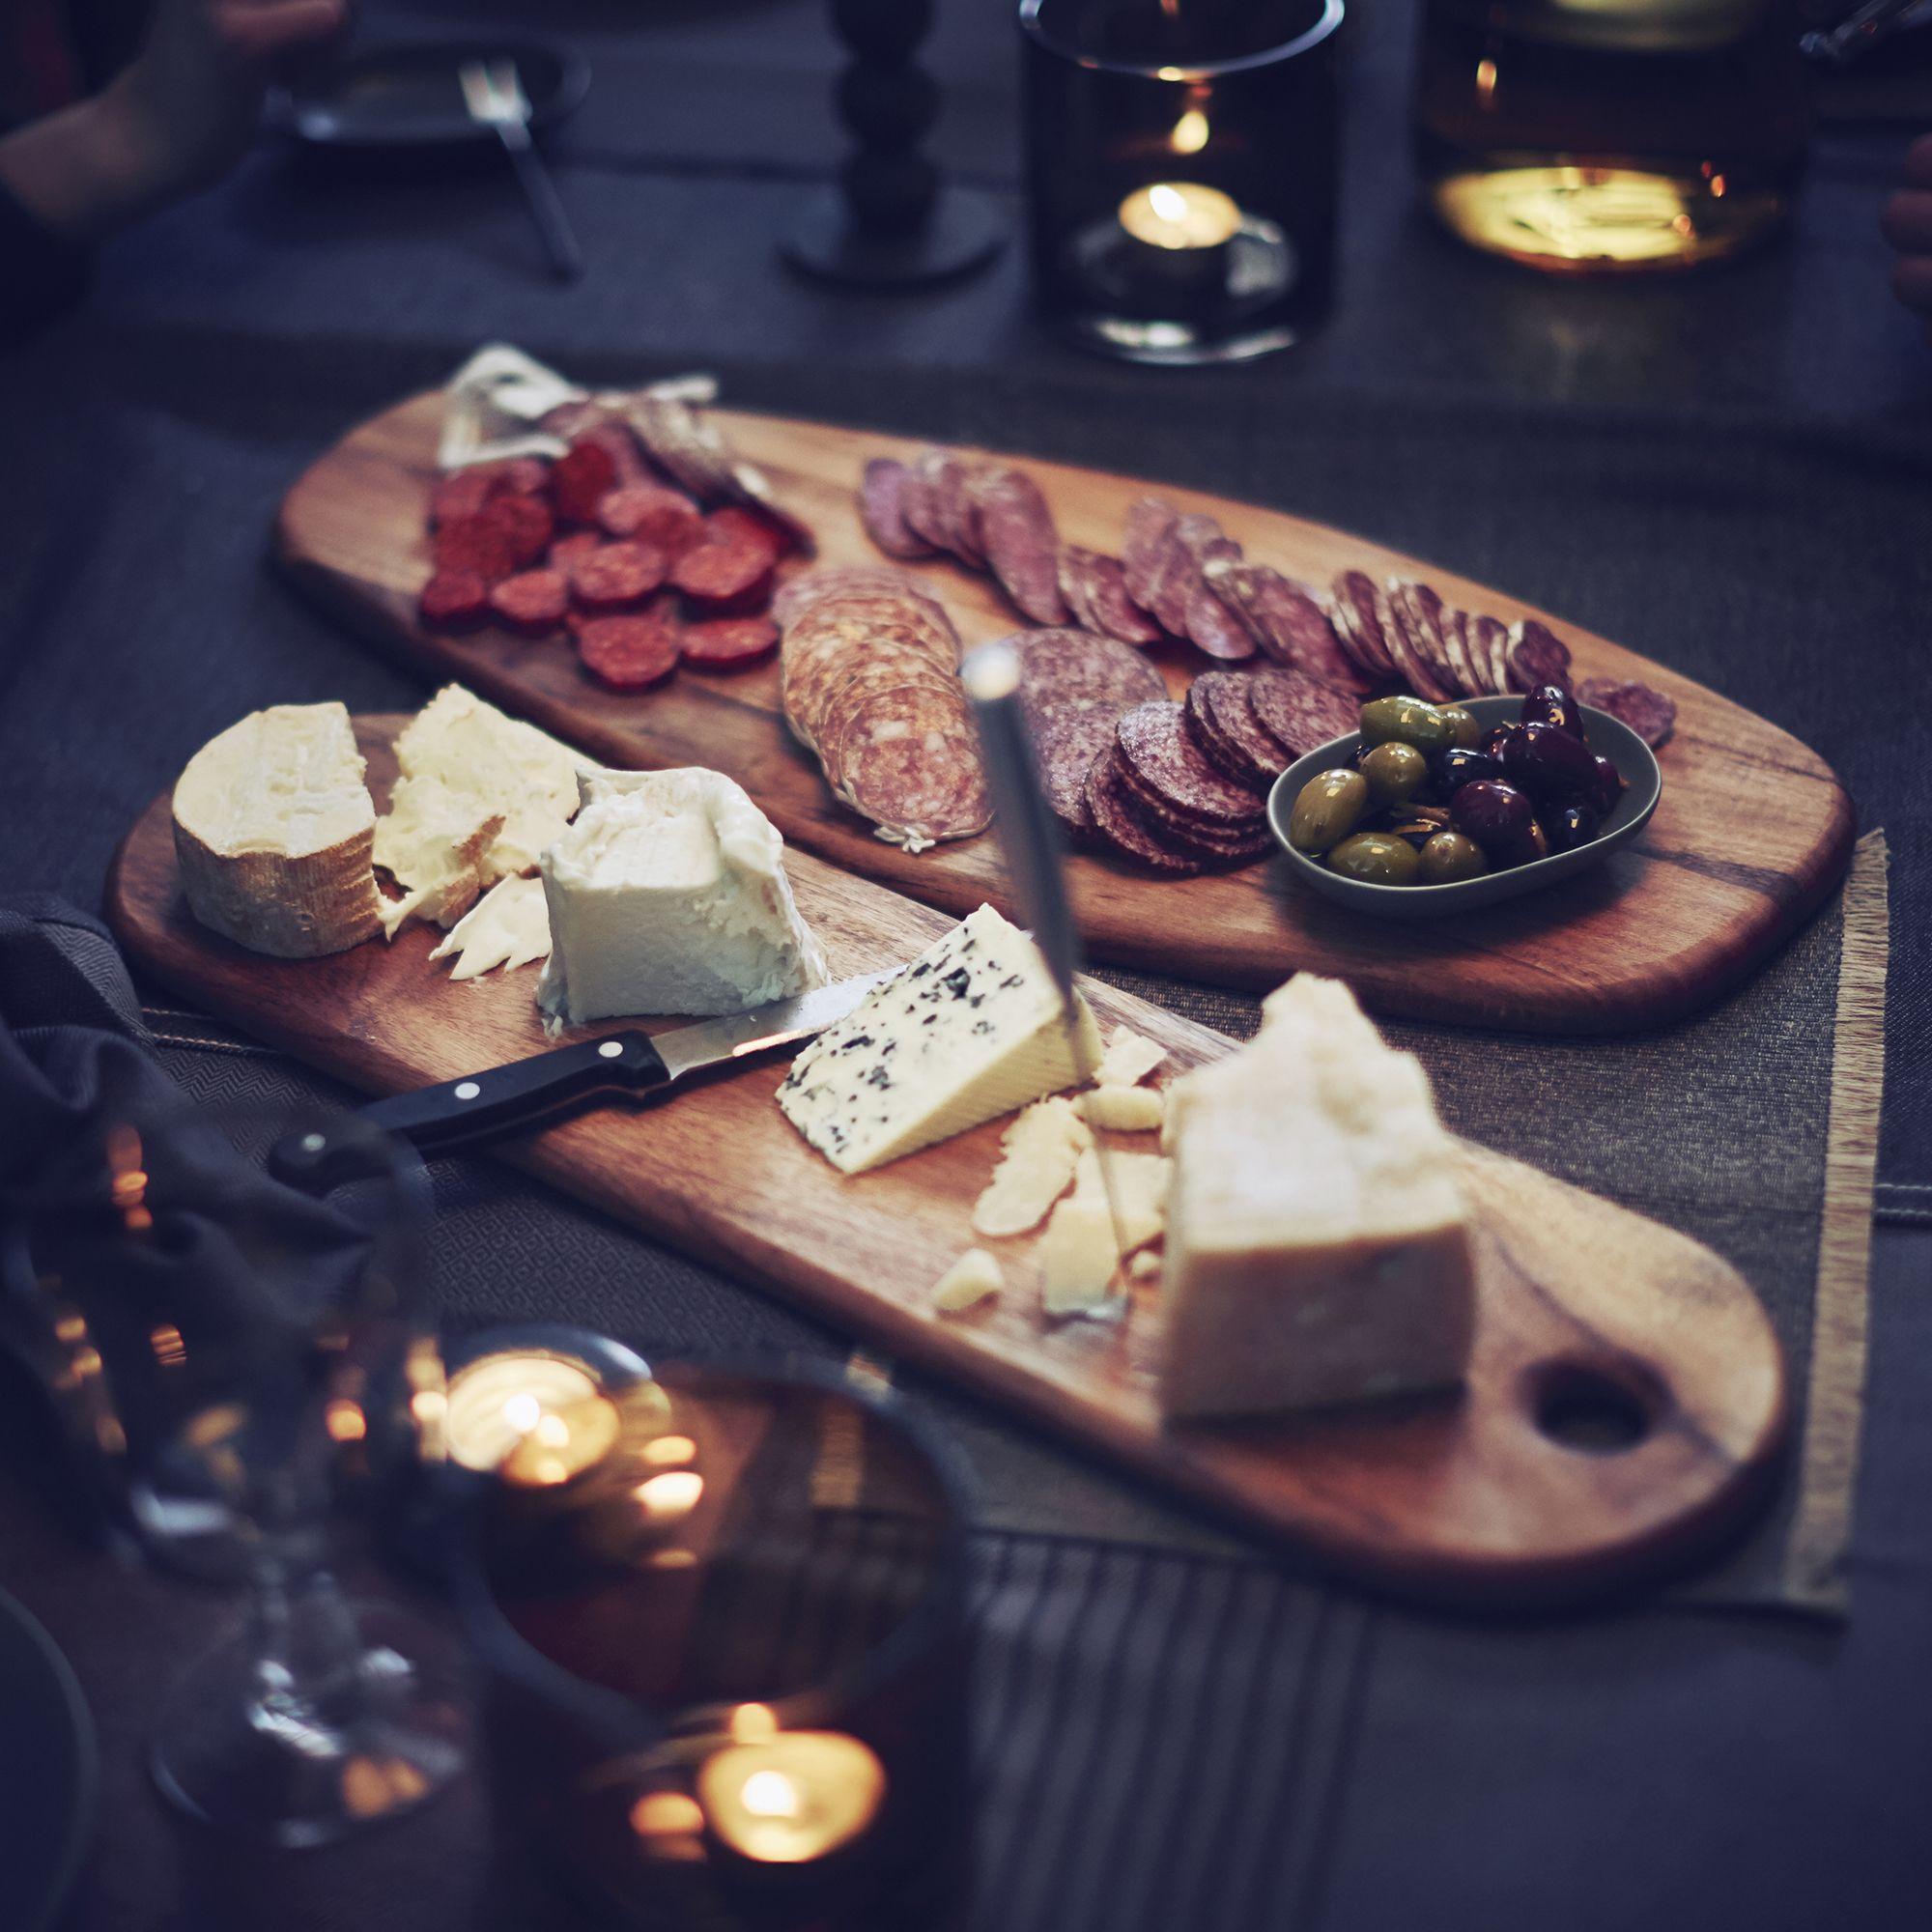 Planche En Bois Cuisine Ikea ikea #nouveau #nouveauté #vaisselle #artdelatable #repas